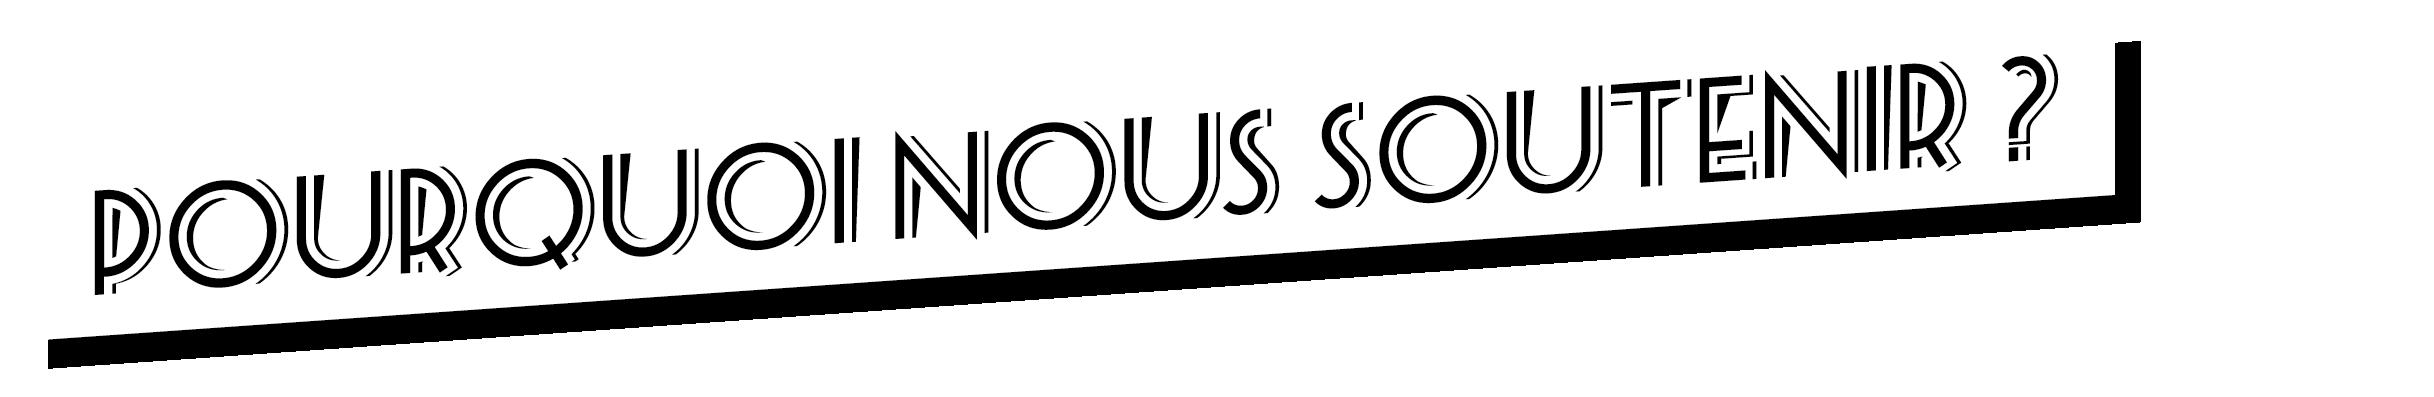 NOUS SOUTENIR-22.png